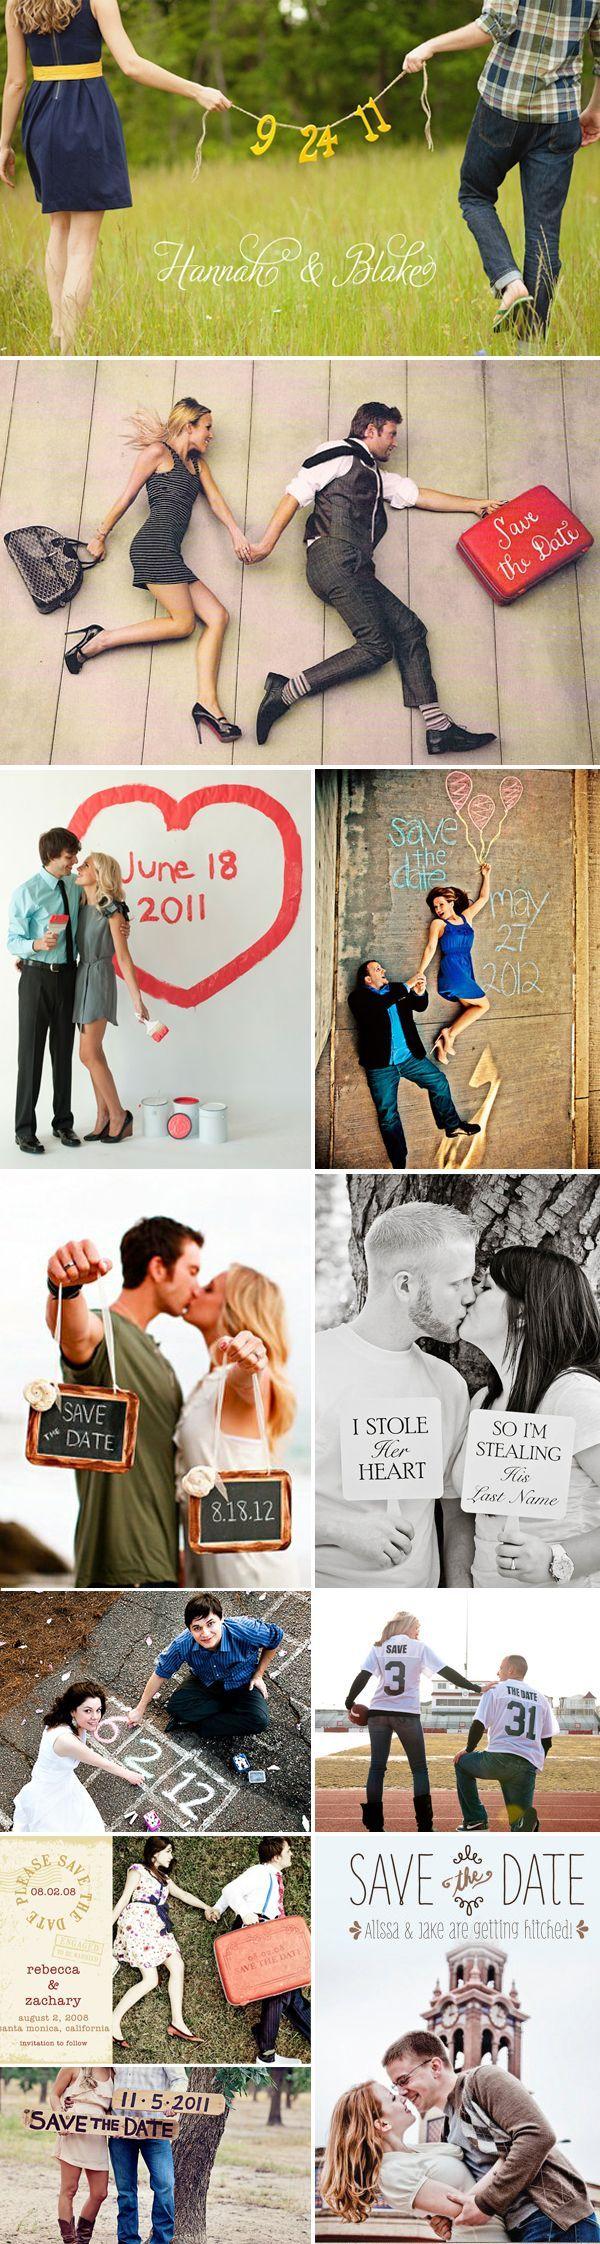 De belles mises en scène pour une annonce de mariage originale ! 58 save the date ideas! #savethedate